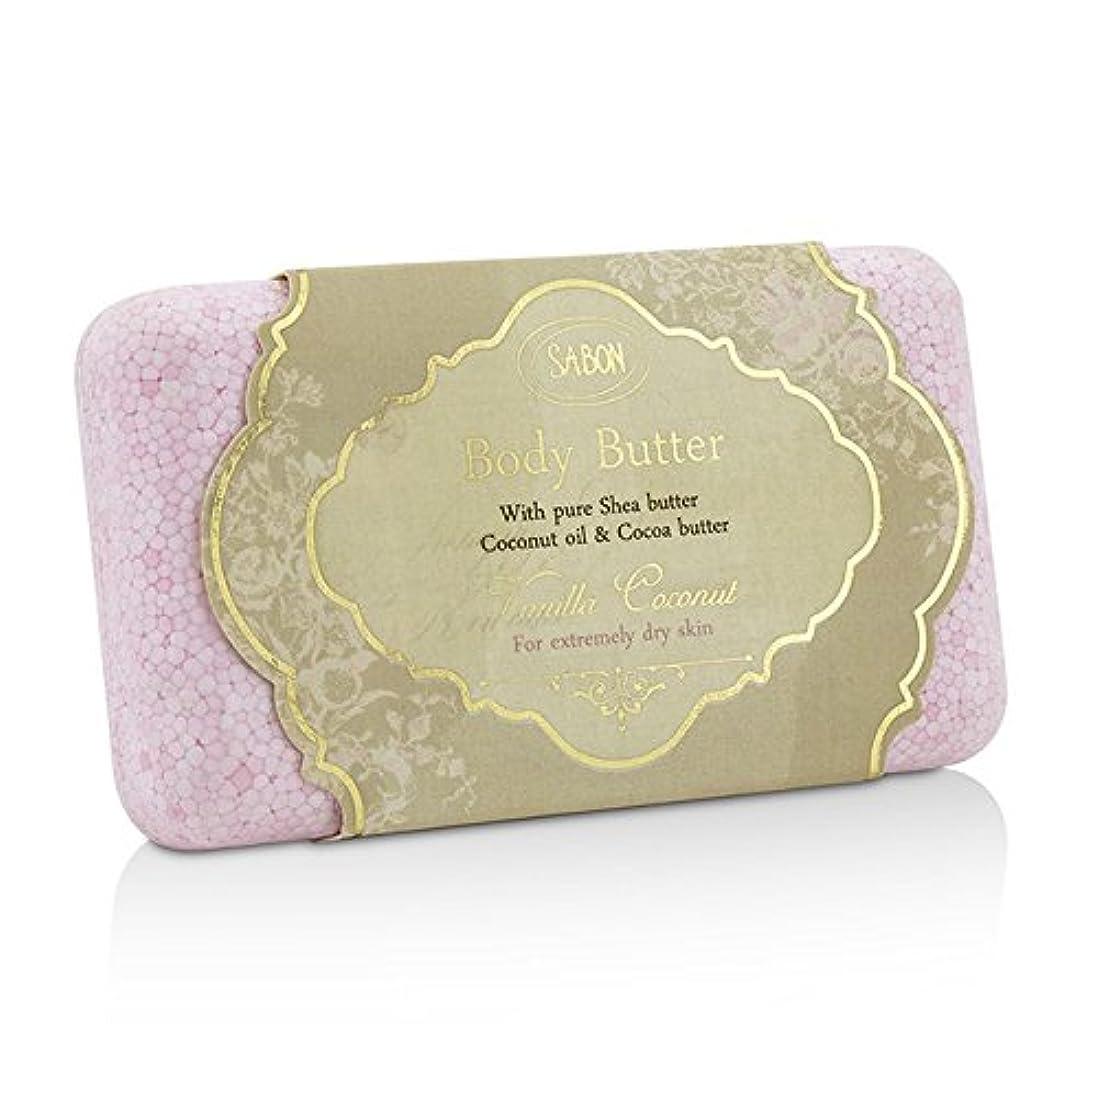 ささいな座標アサーサボン Body Butter (For Extremely Dry Skin) - Vanilla Coconut 100g/3.53oz並行輸入品